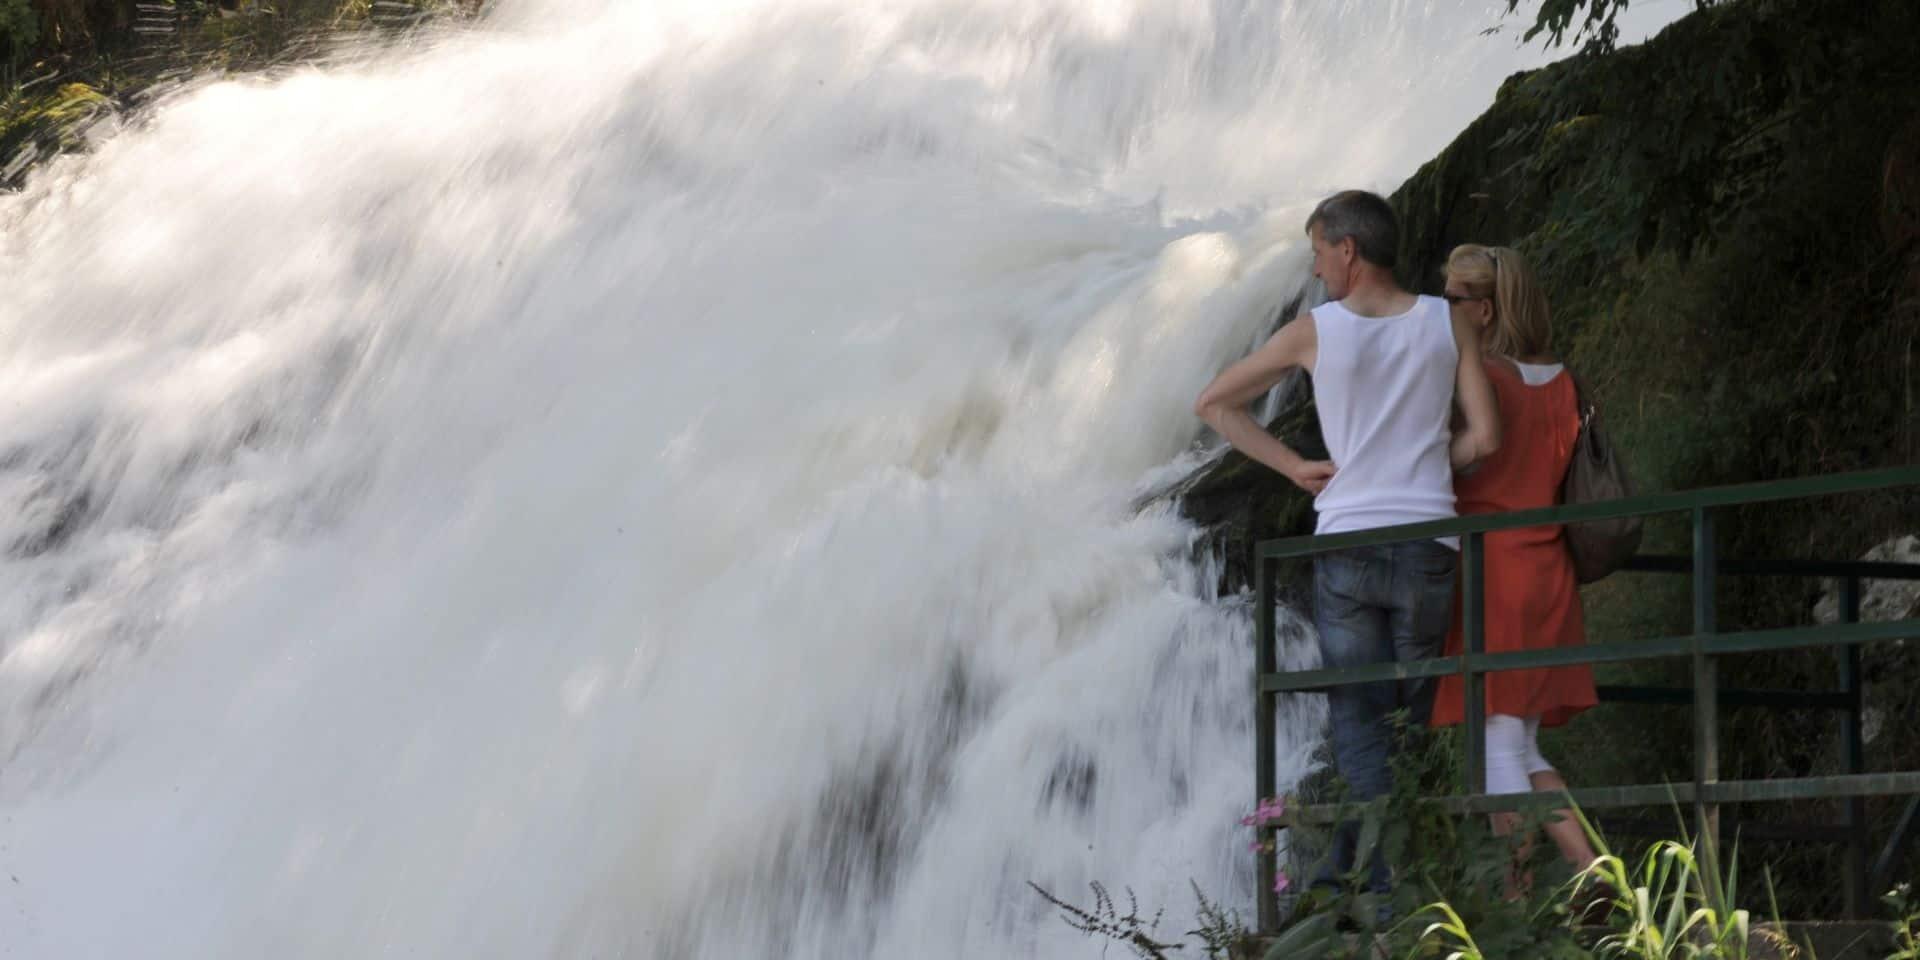 Stavelot-Coo : une petite fille fait une chute de 3 mètres de haut !